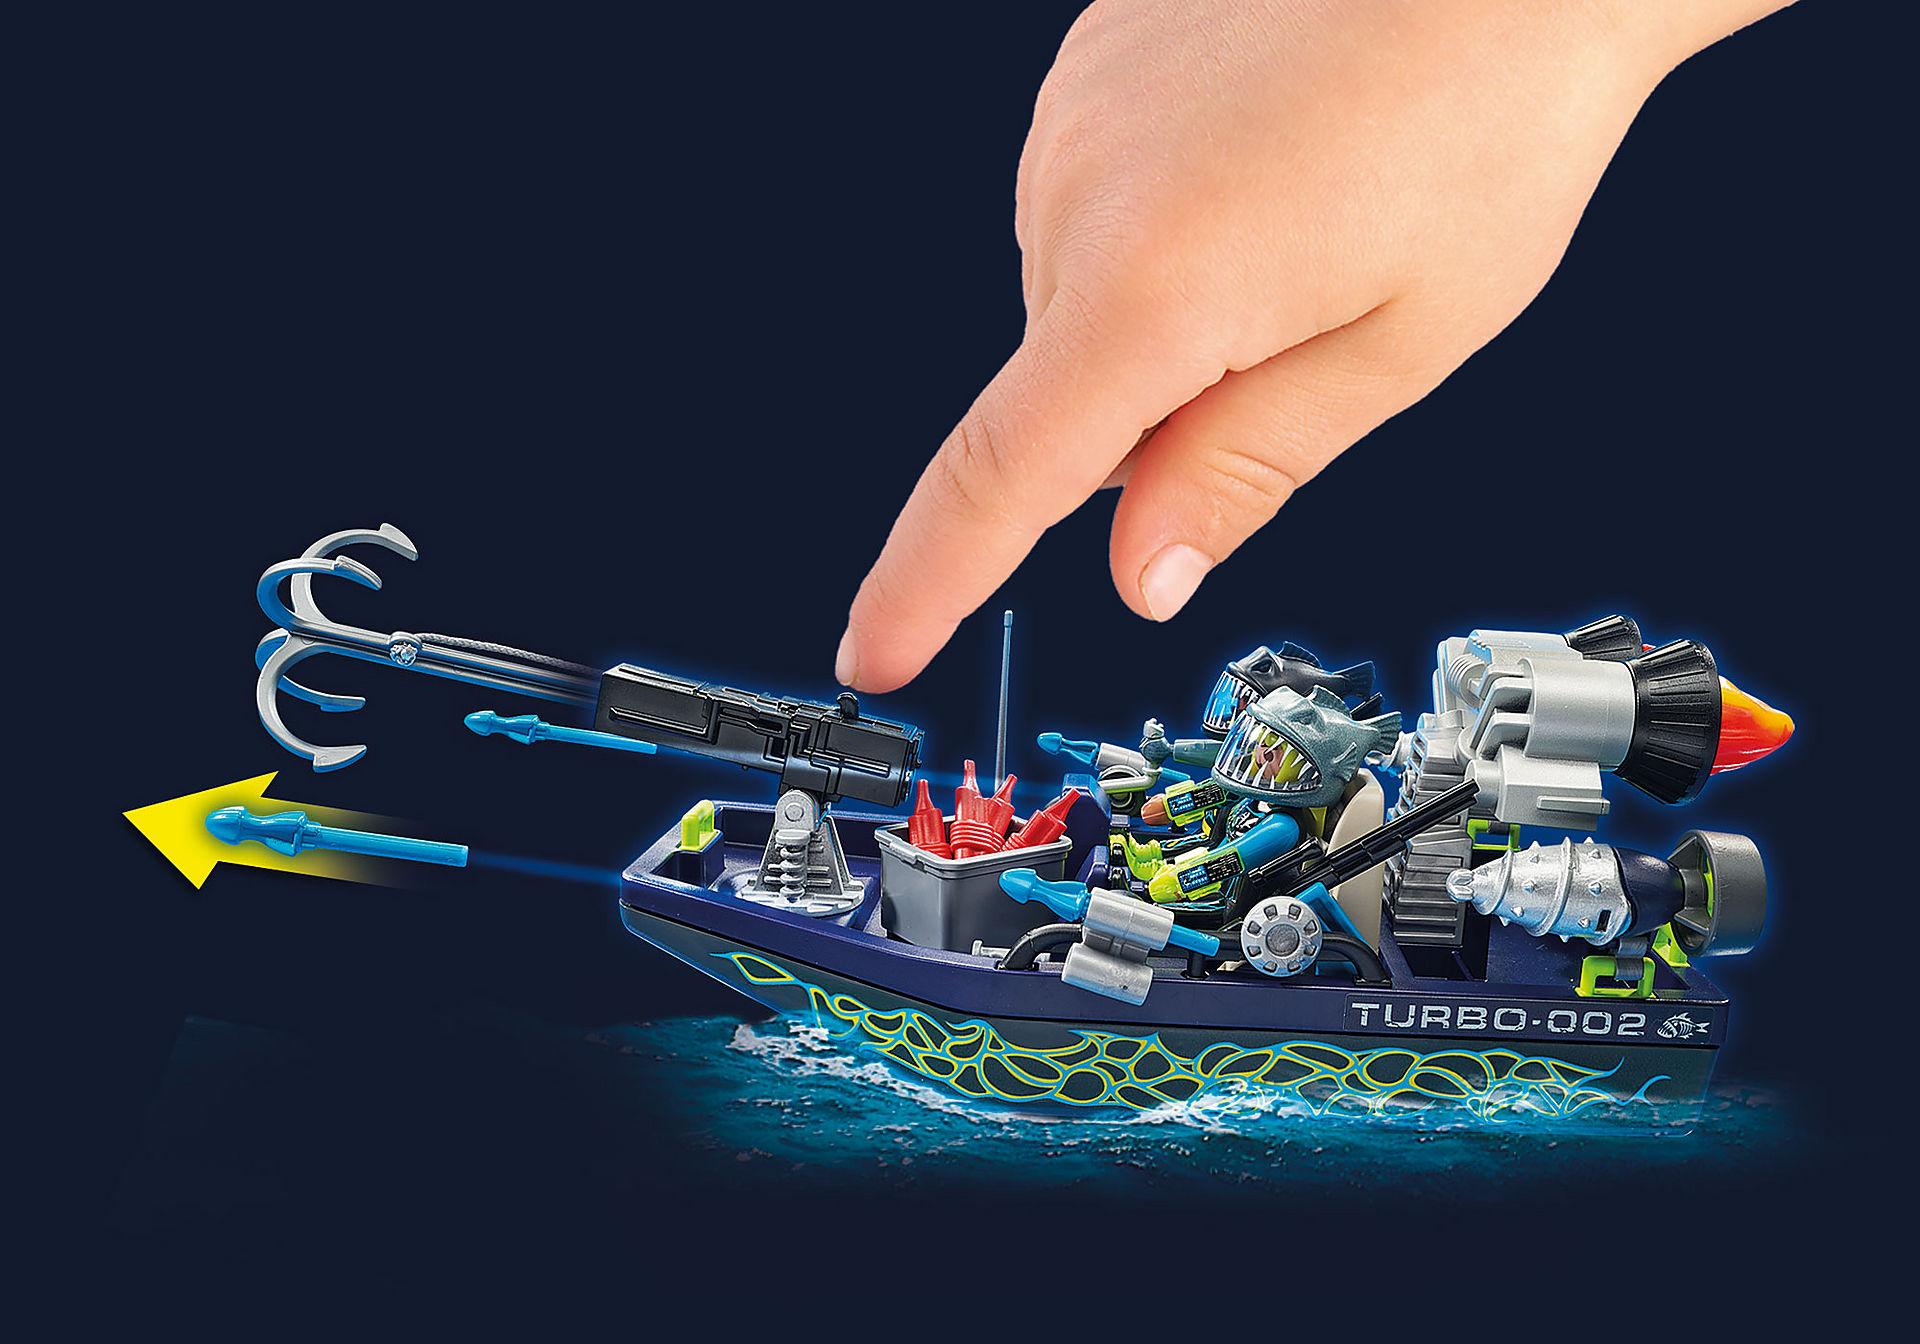 70006 Ταχύπλοο σκάφος της SHARK Team zoom image4